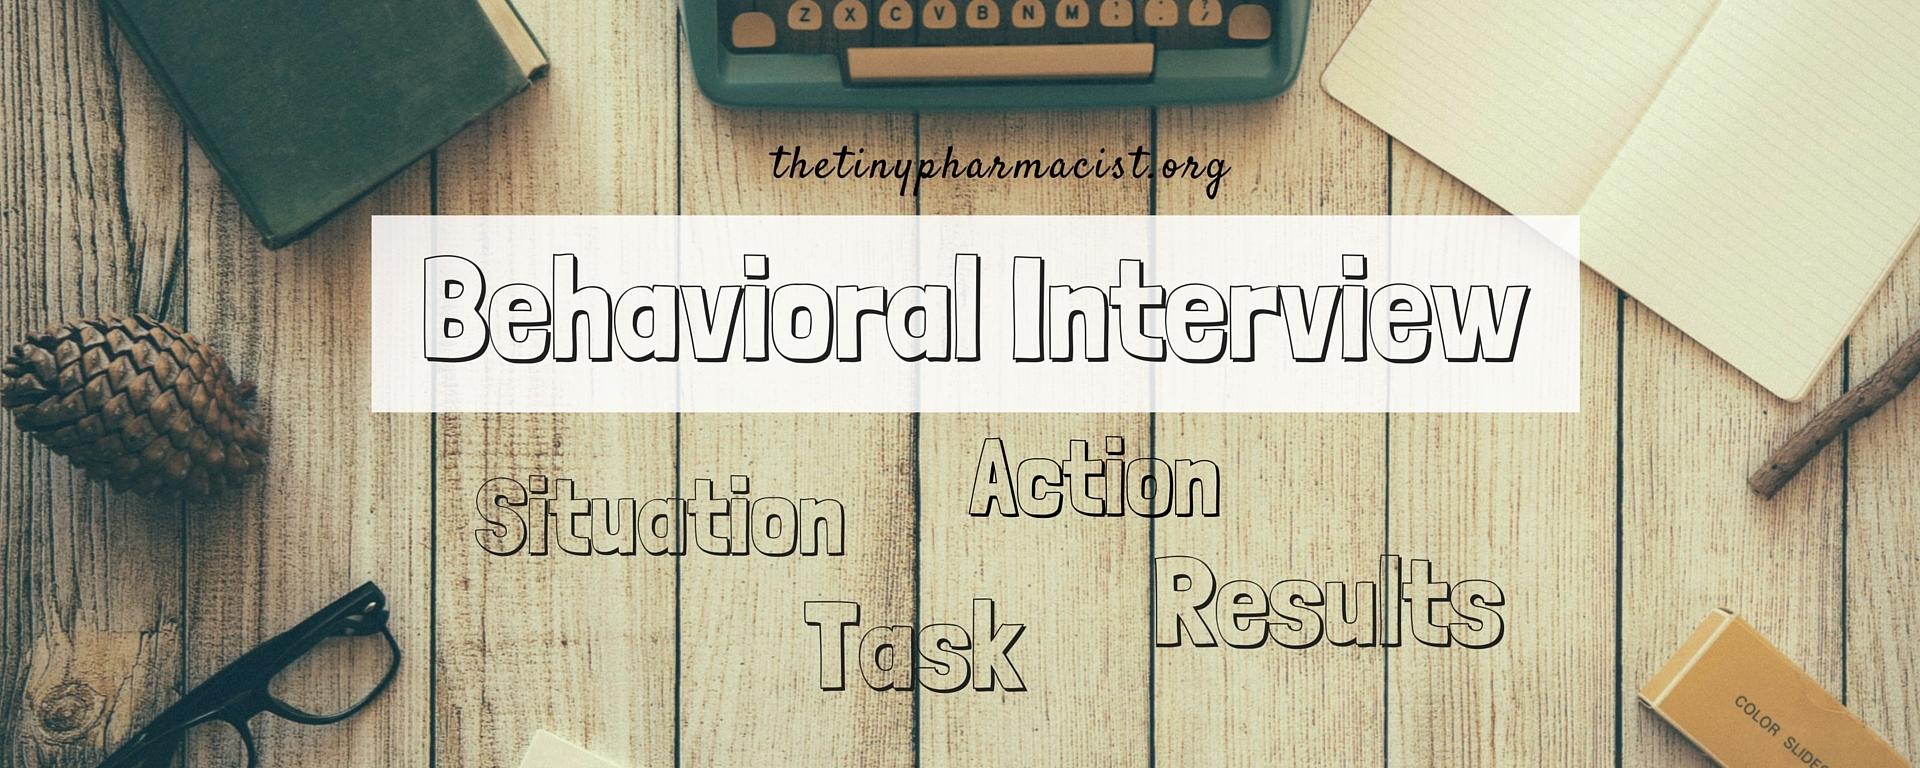 ph ng v n ki u m ph n behavioral interview star technique ph7887ng v7845n ki7875u m7929 ph7847n 1 behavioral interview star technique